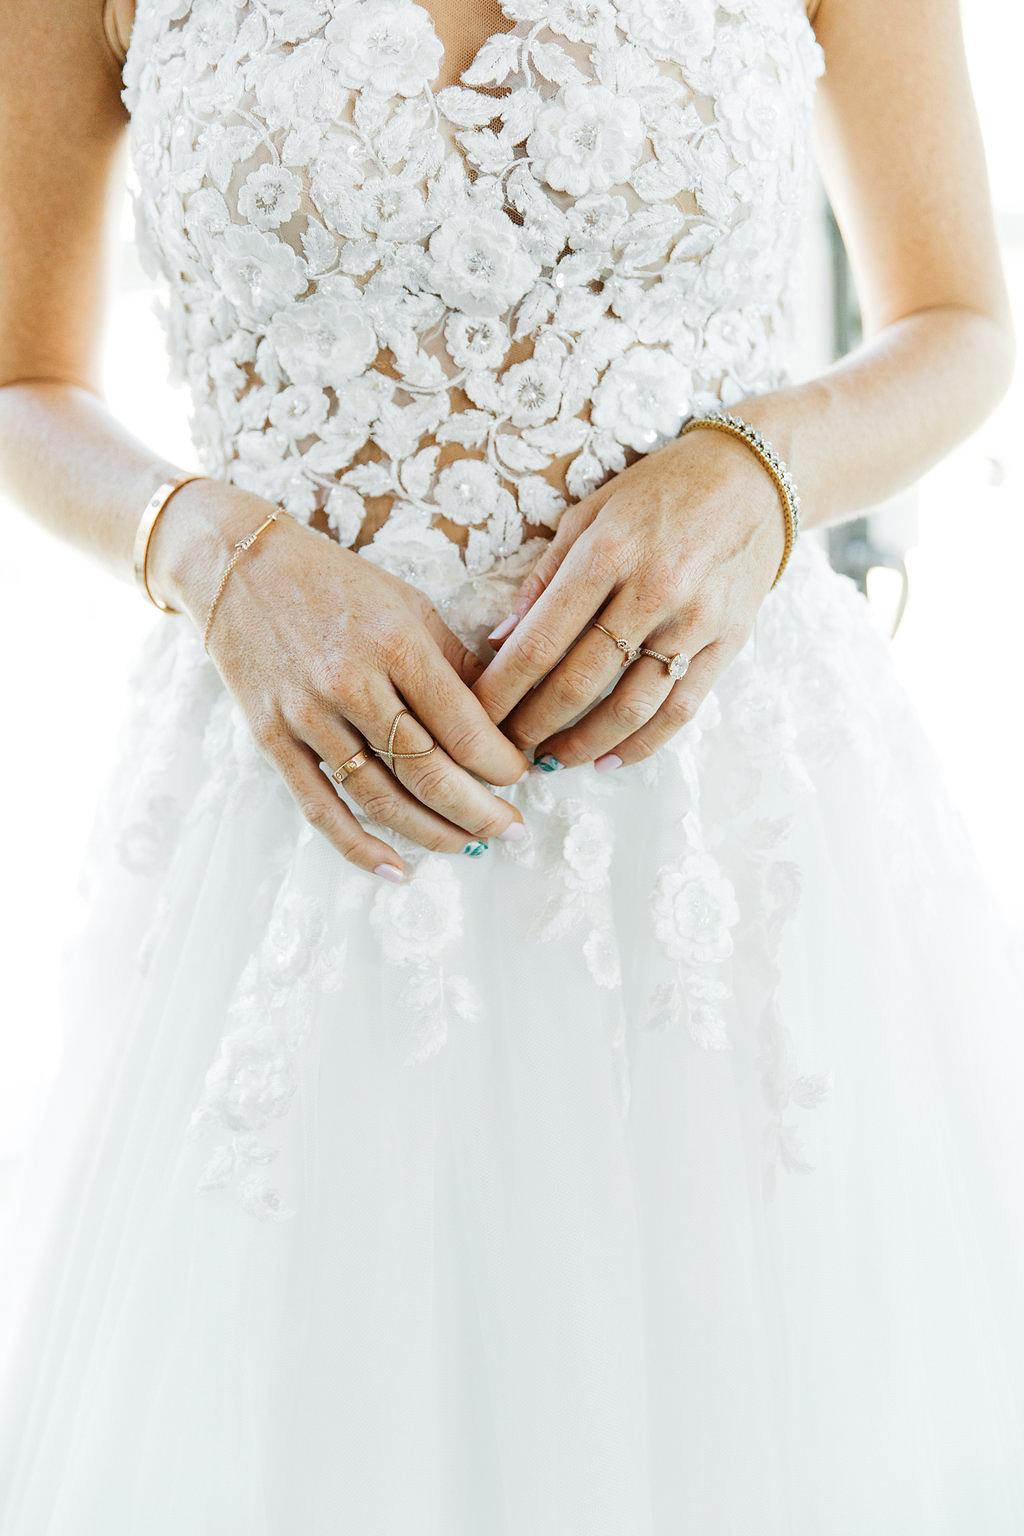 emily adhir wedding jewelry manicure